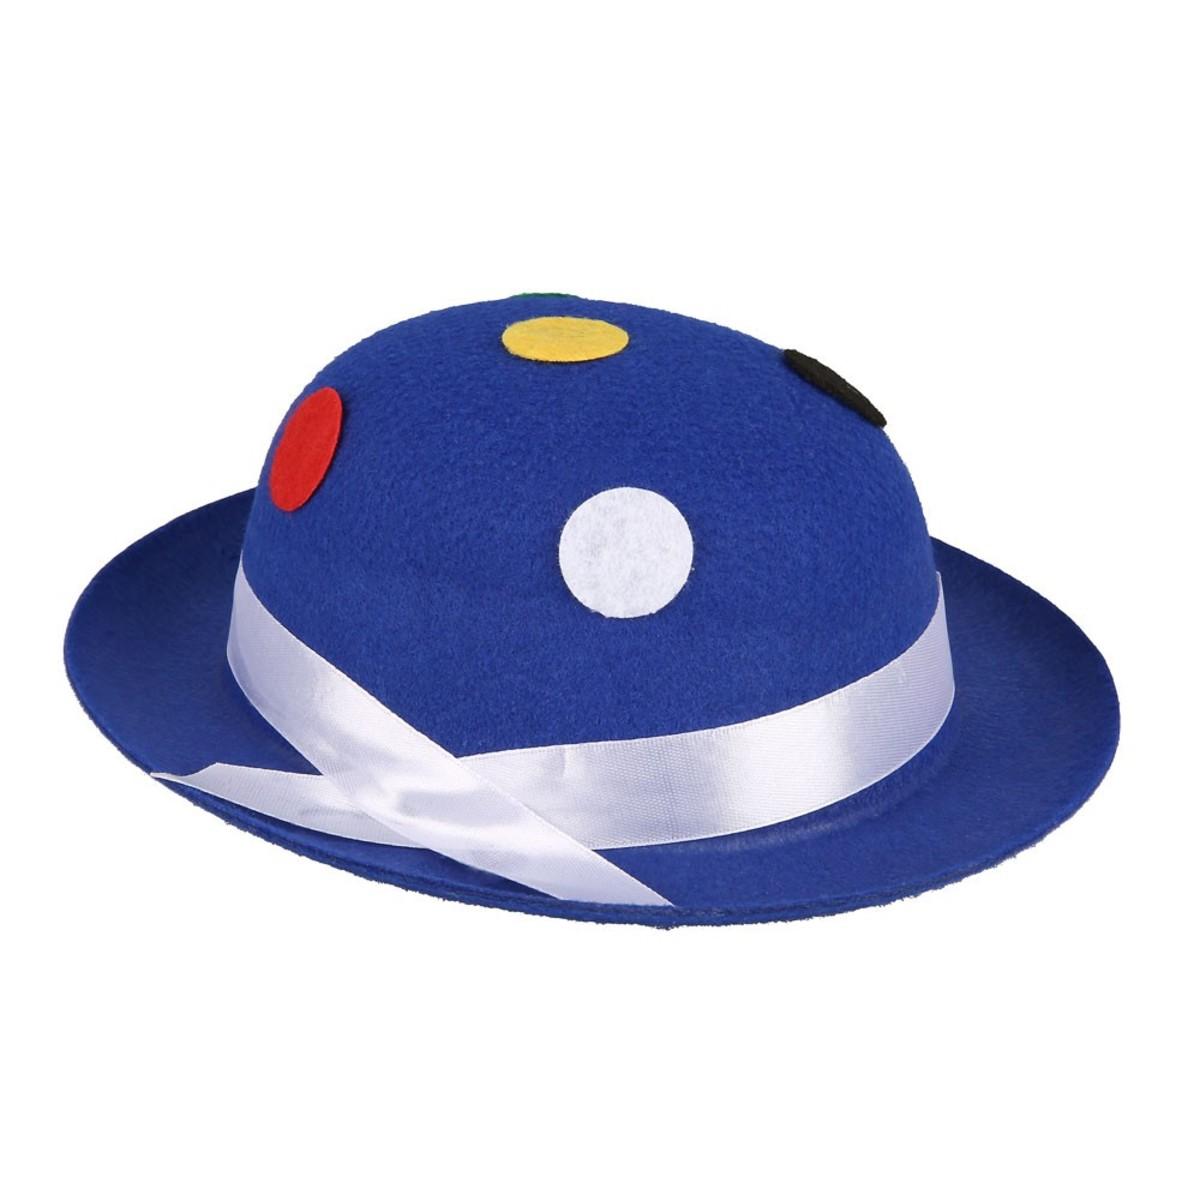 Bild 3 von Karnevals-Hut klassisch